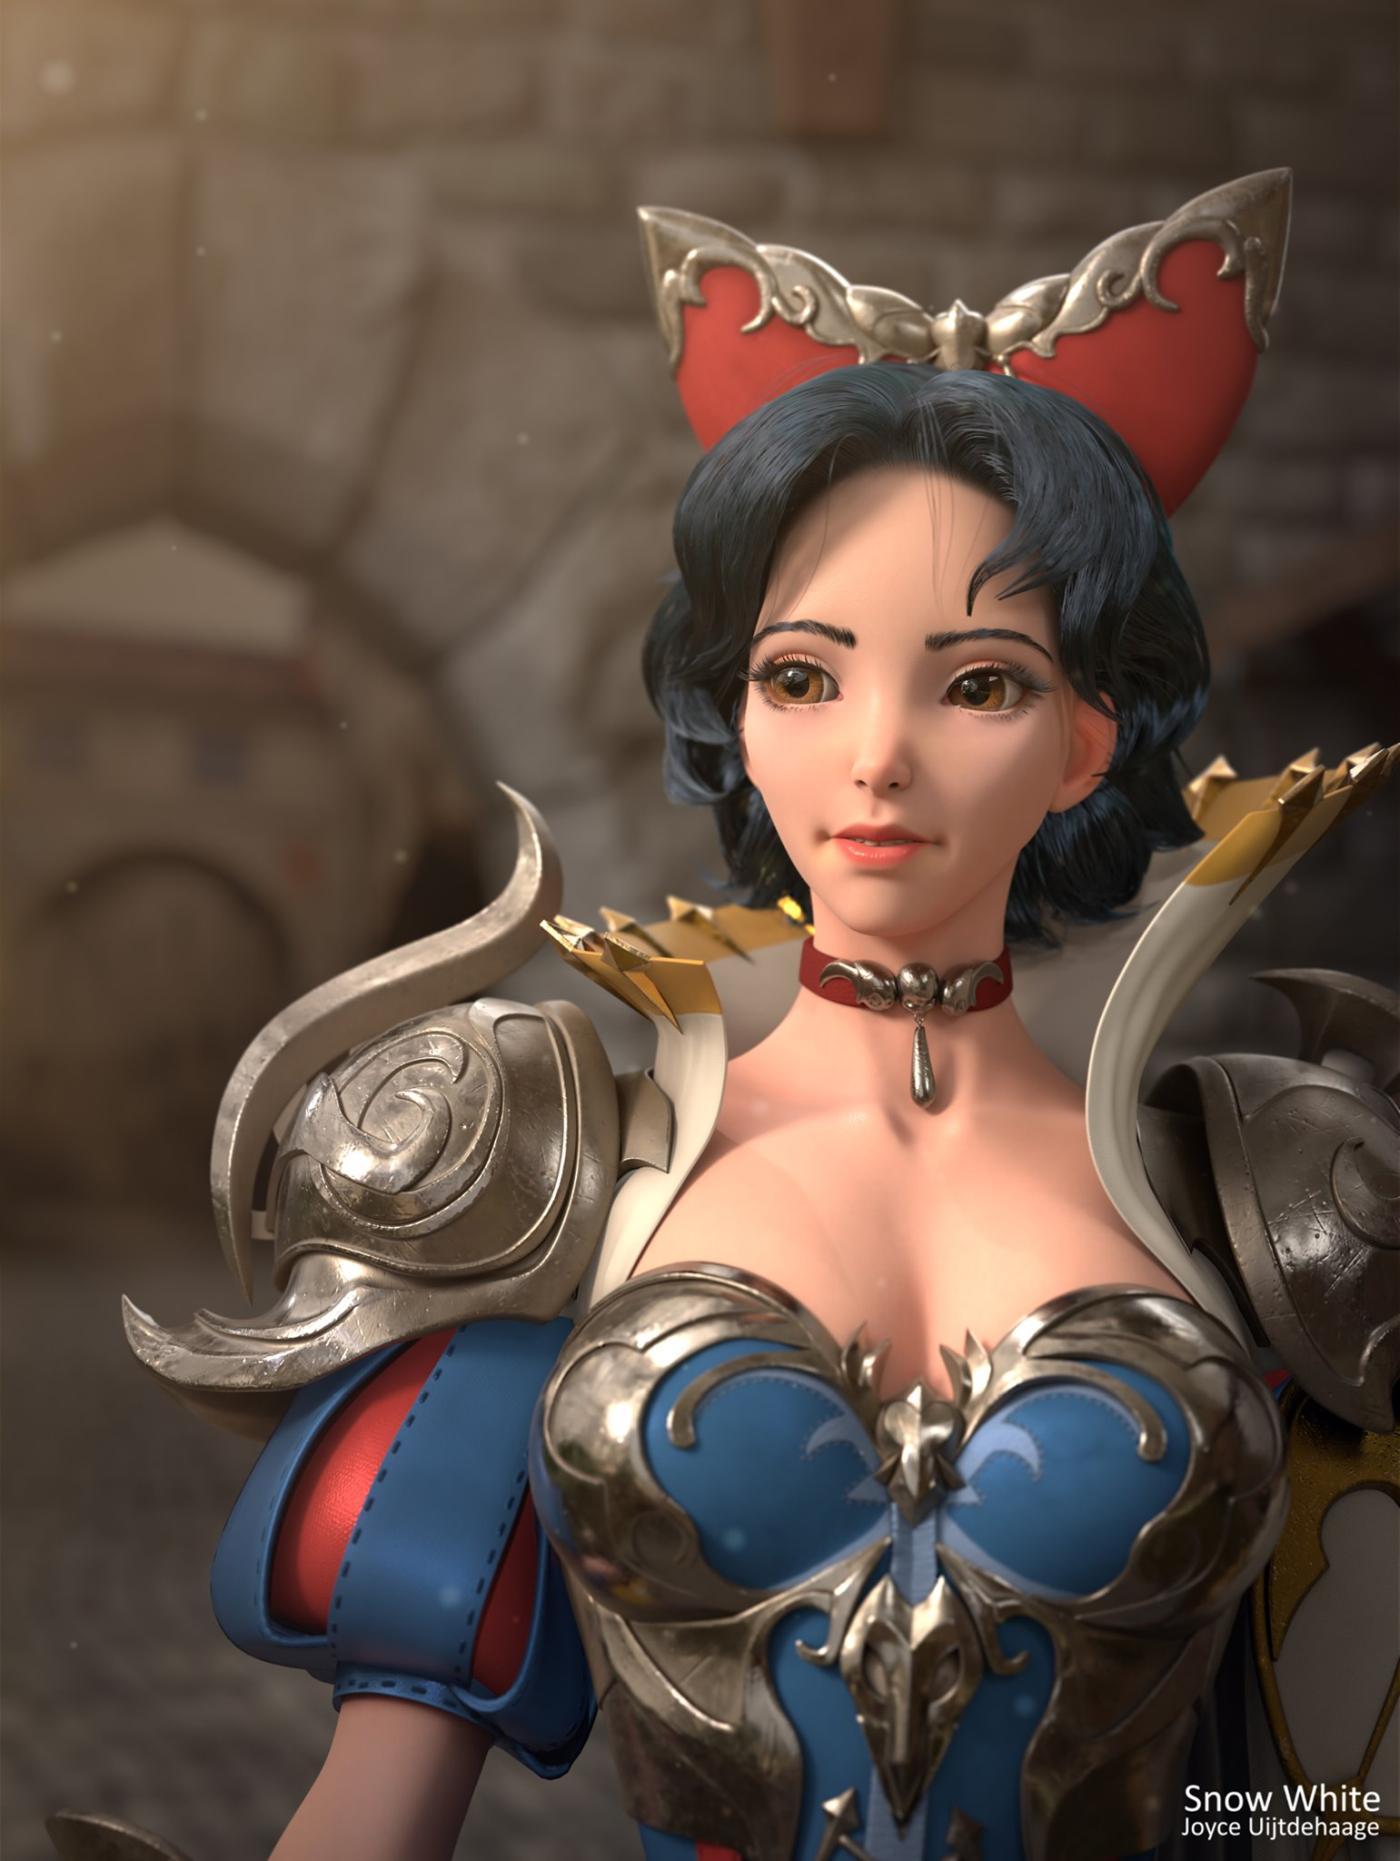 3d model snow white by joyce uijtdehaage